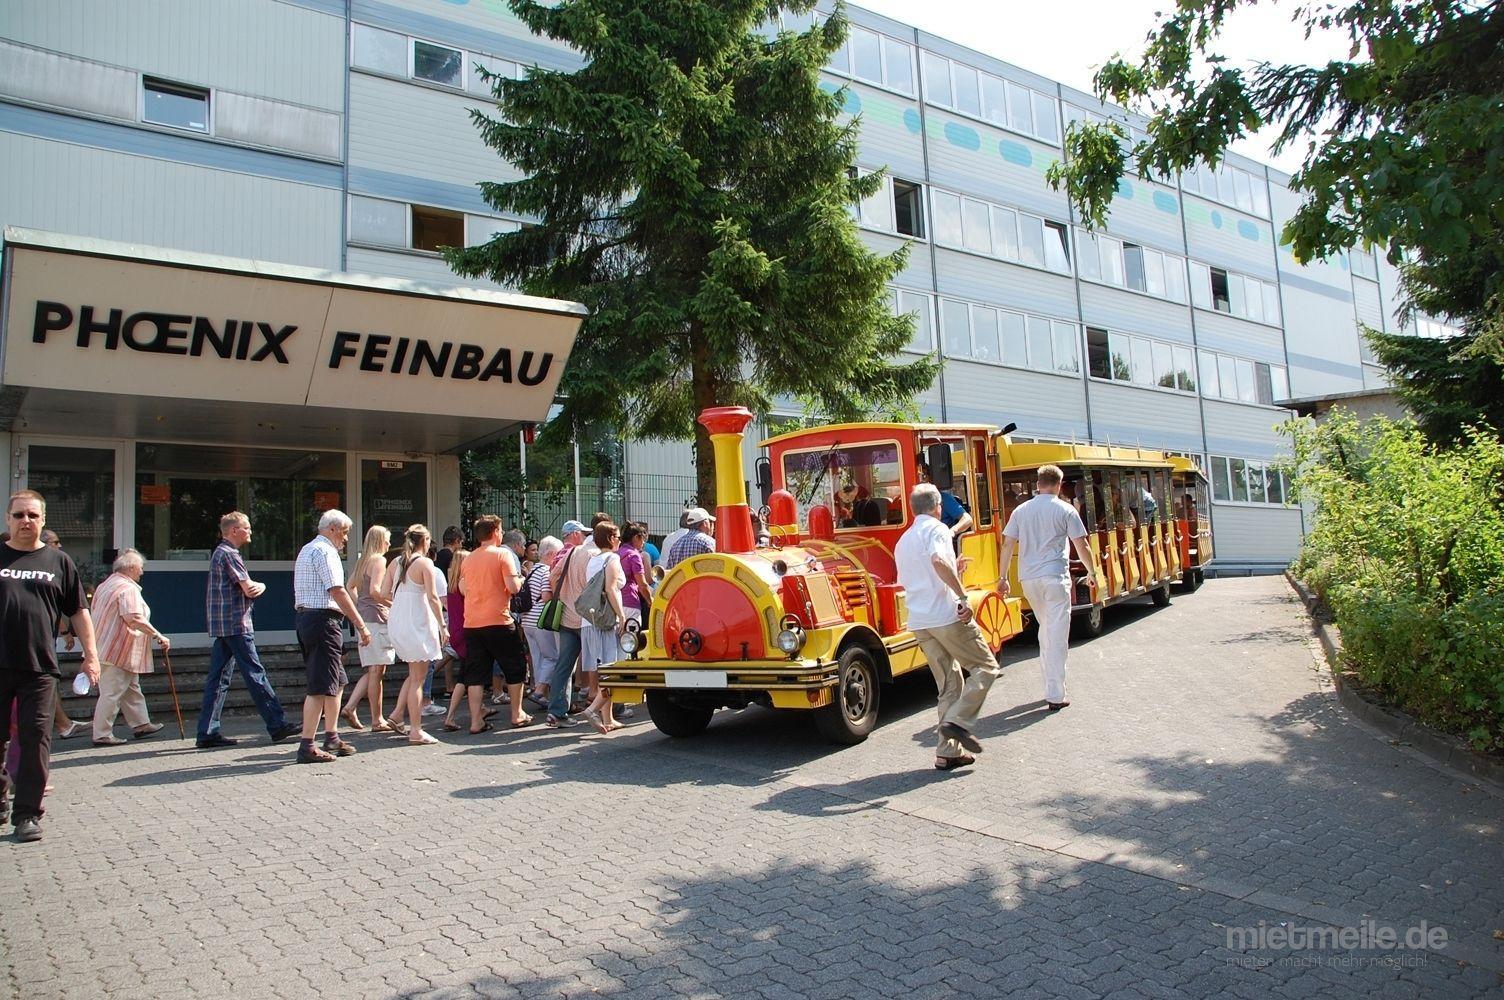 Eisenbahn mieten & vermieten - WEGEBAHN JUMBO MIT 56 PLÄTZEN / BIMMELBAHN / KINDER EISENBAHN in Köln